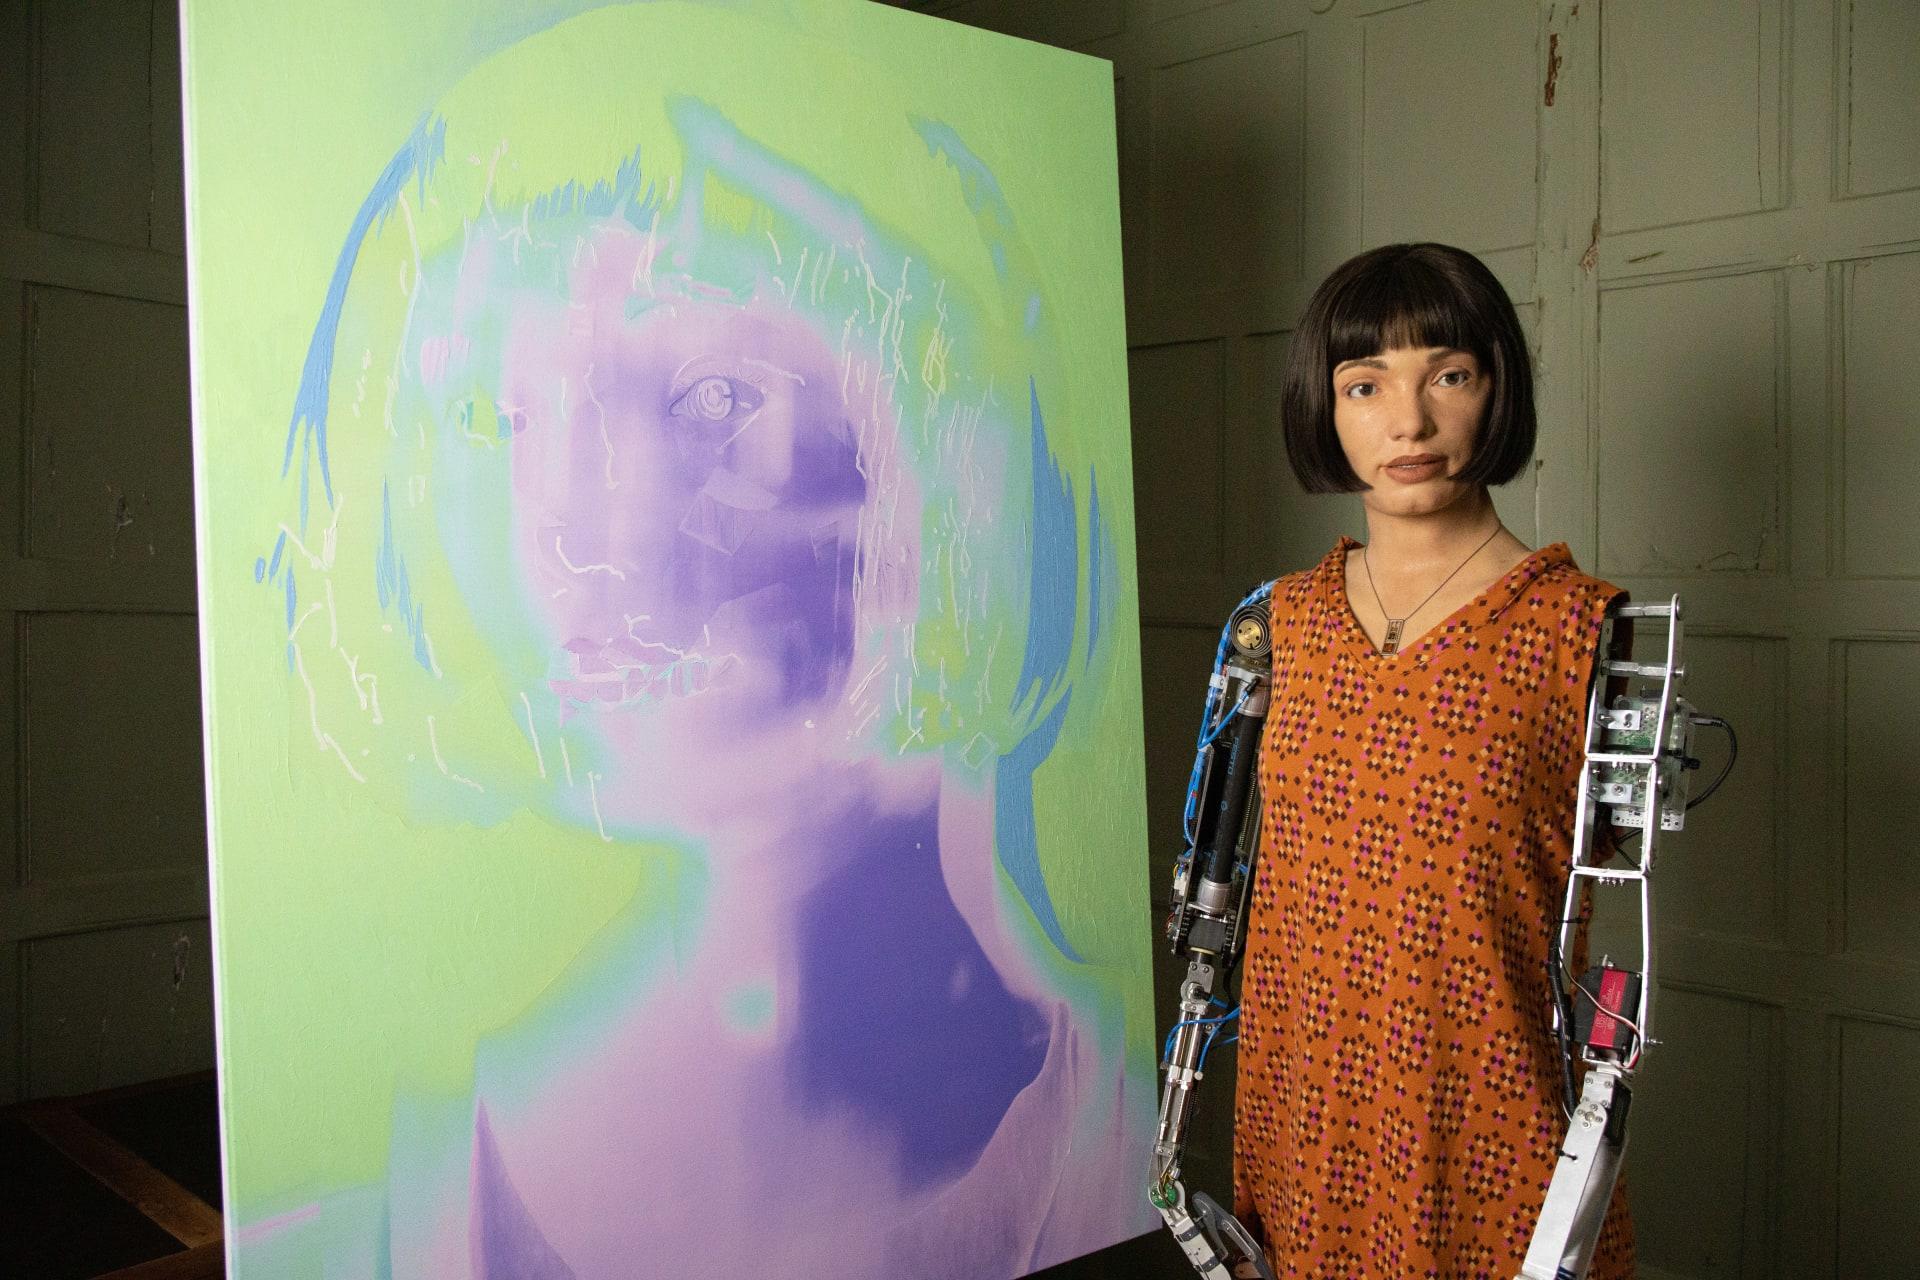 أول روبوت فنان على هيئة إنسان في العالم